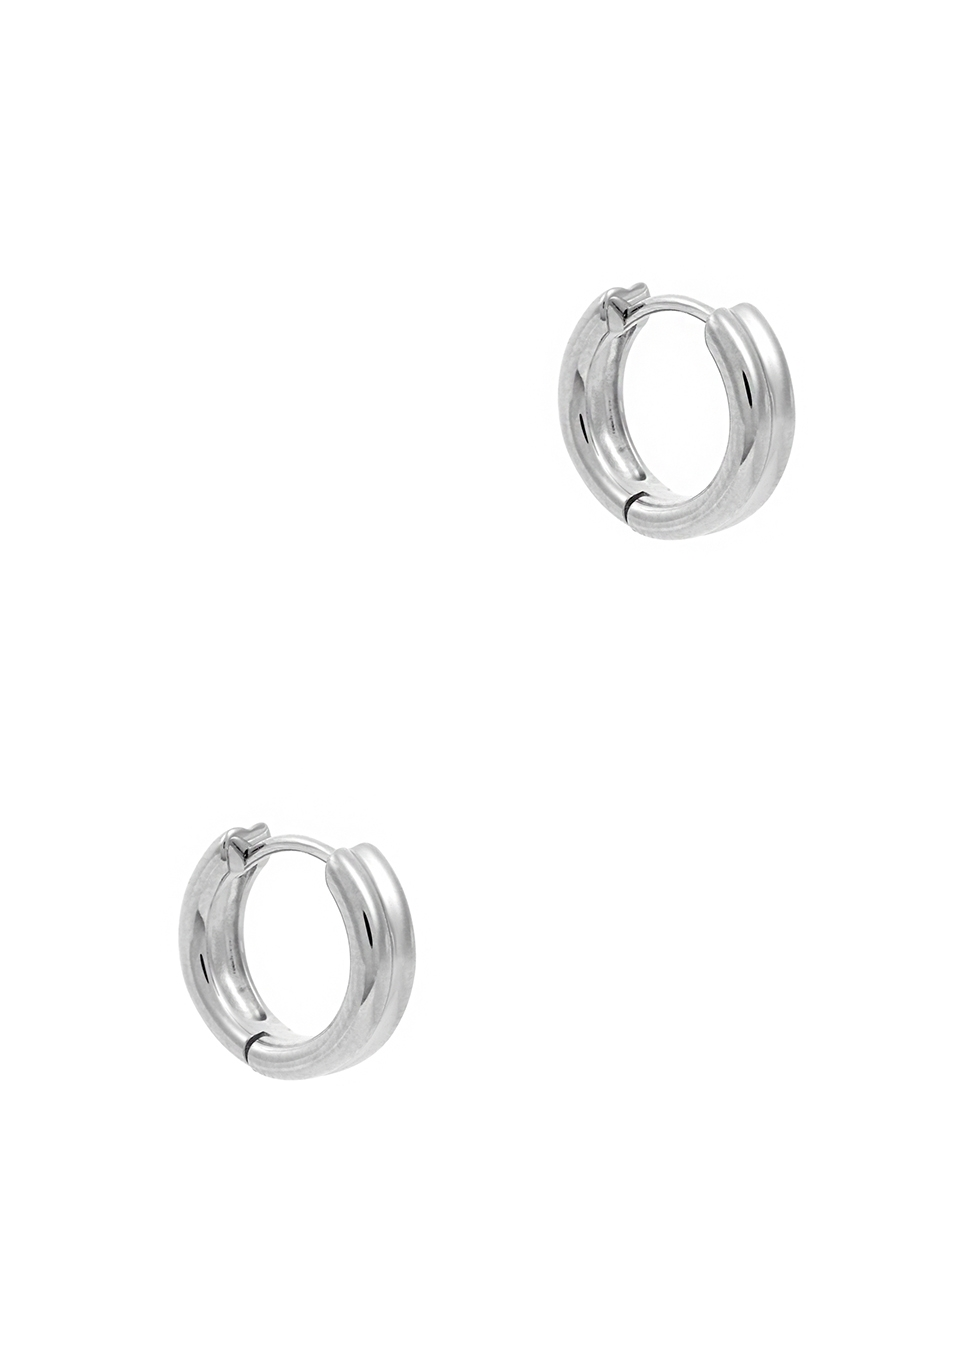 Meryl sterling silver hoop earrings